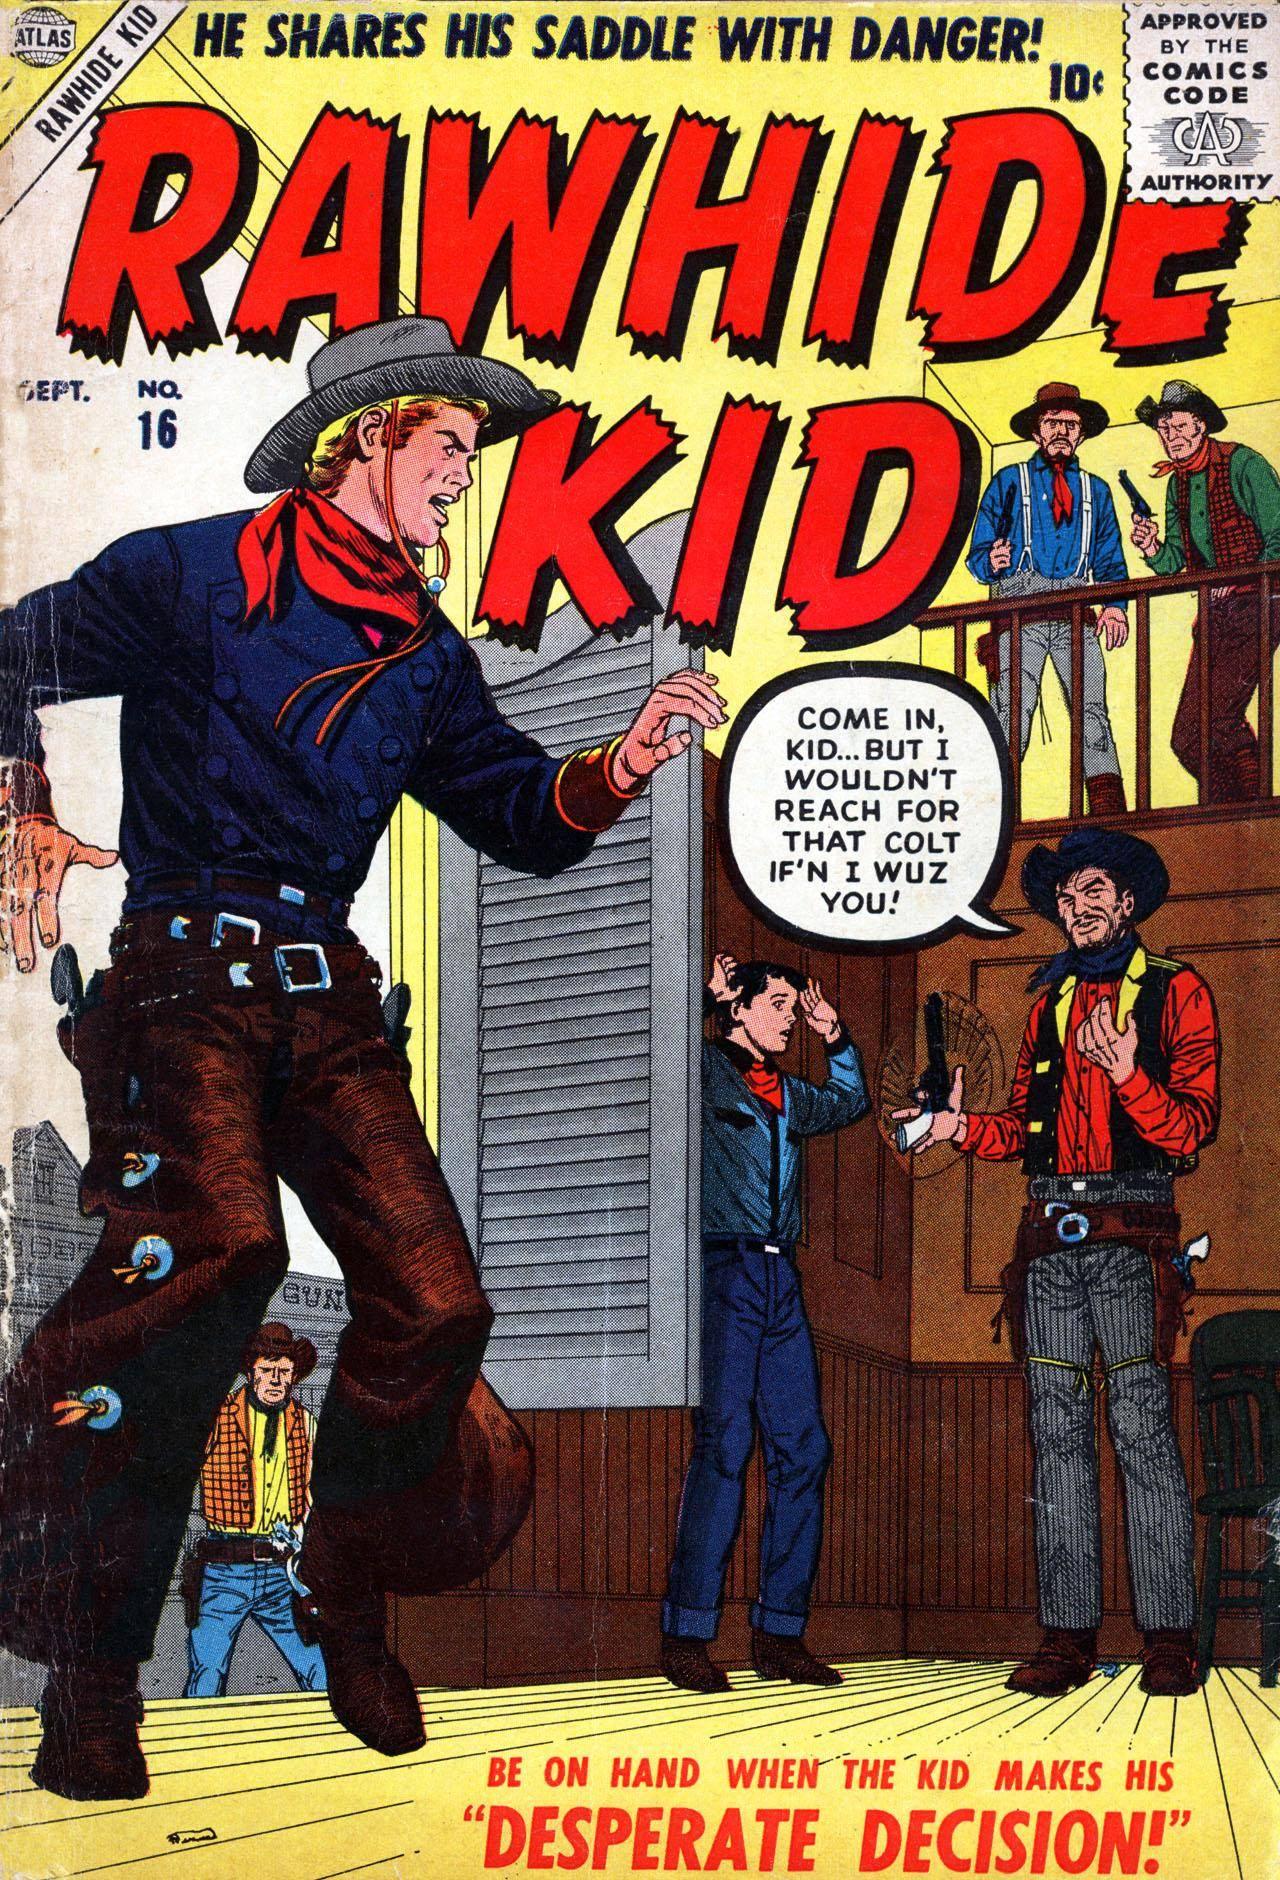 Rawhide Kid v1 016 1957